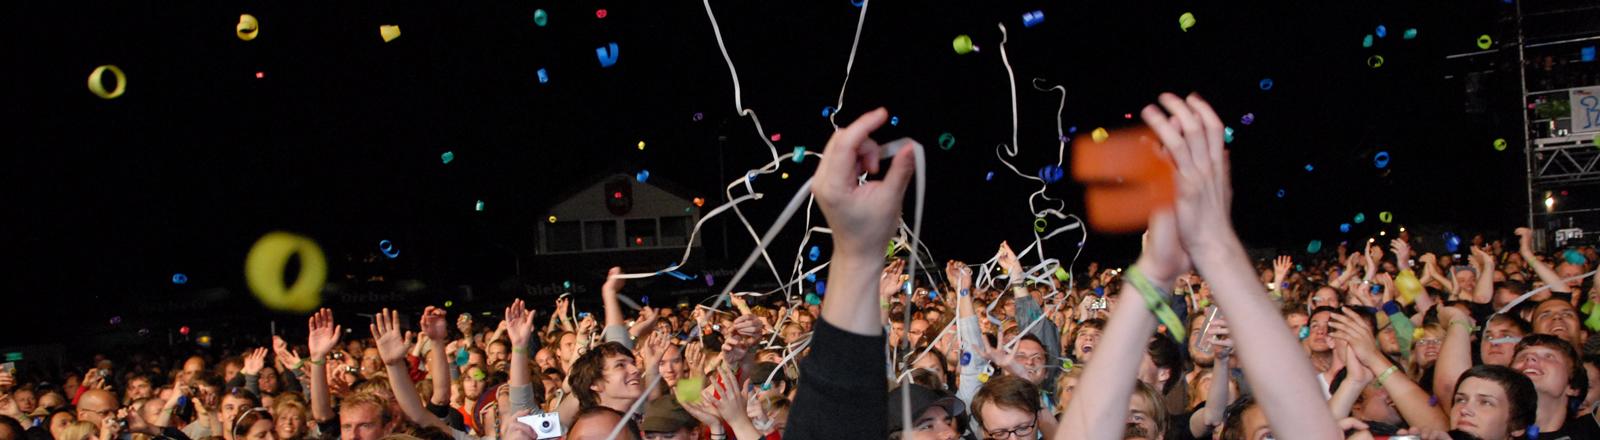 Zuschauer beim Pop-Festival in Haldern